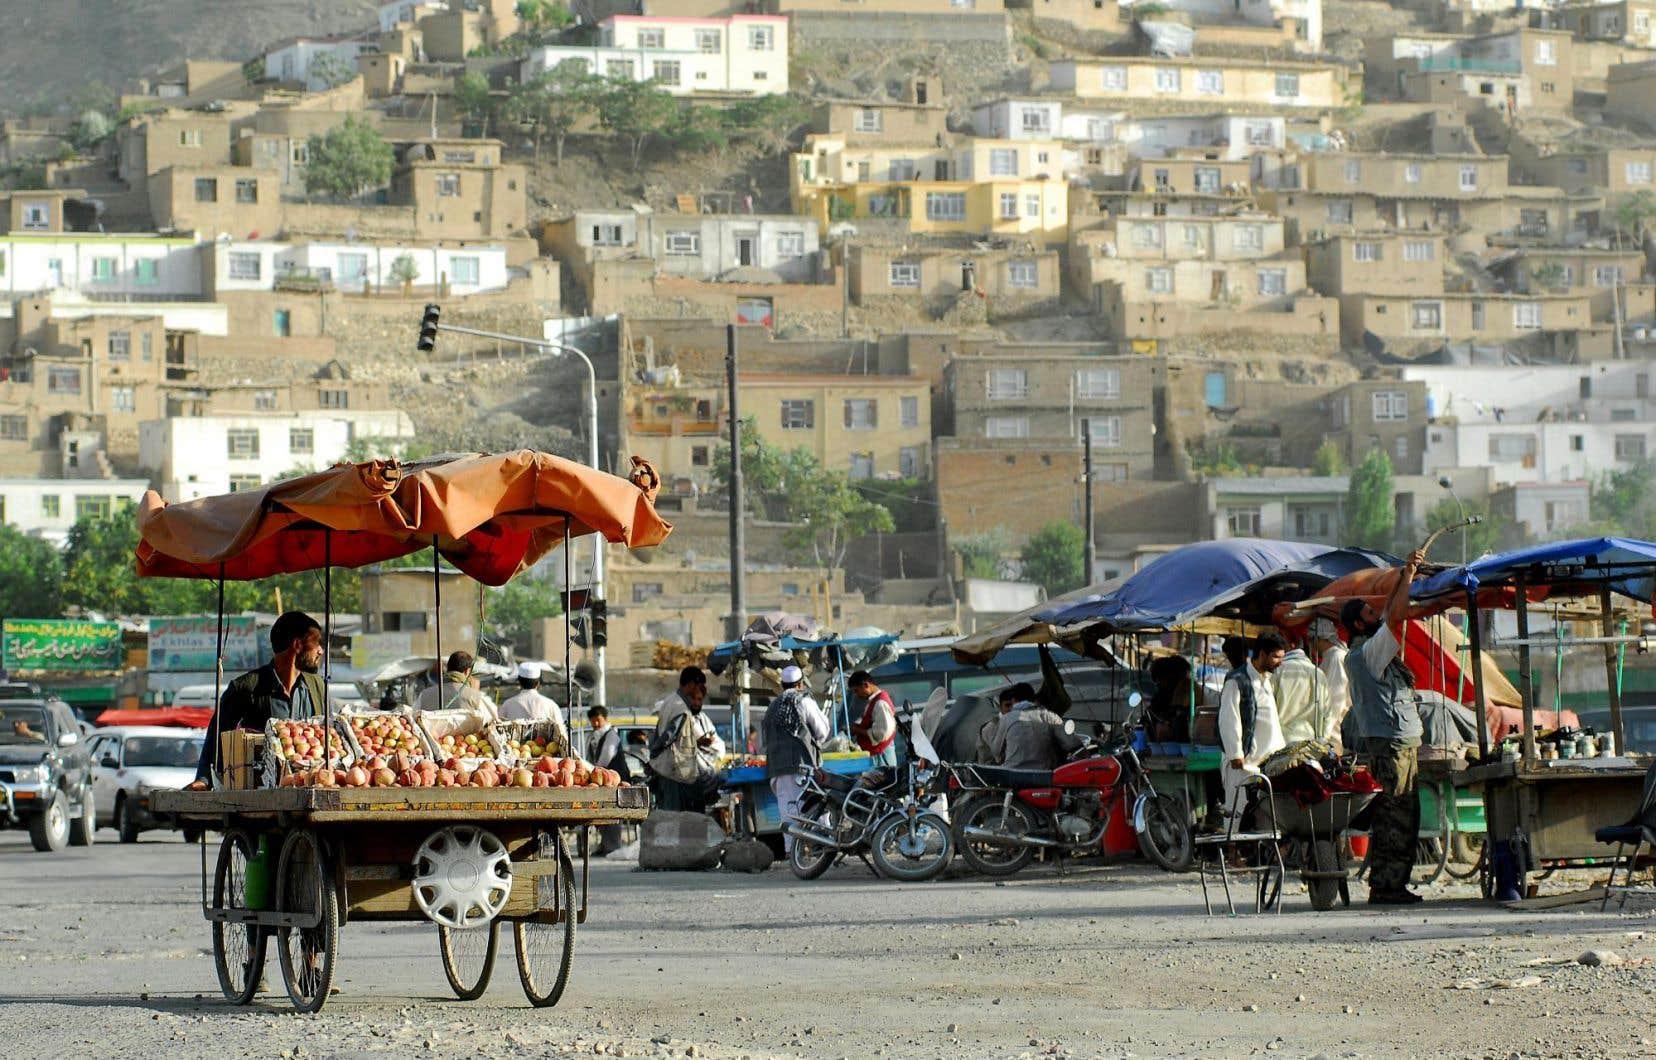 L'intrigue s'amorce dans un quartier pauvre de Kaboul.